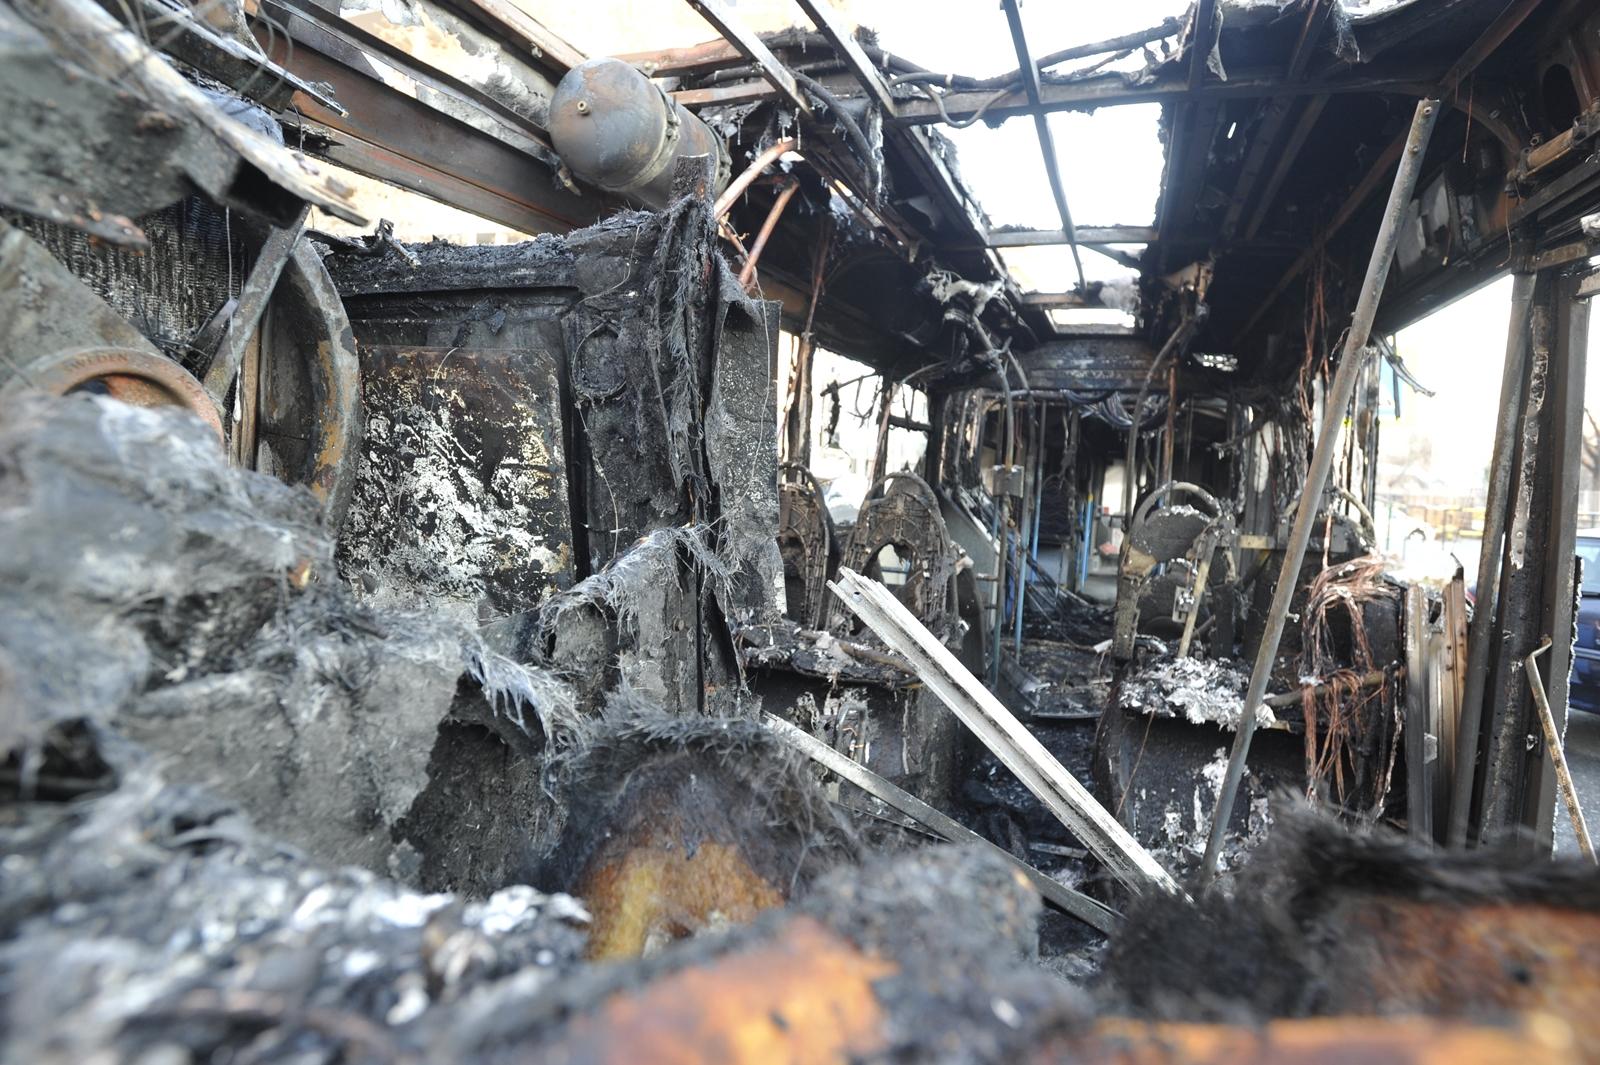 Az FJX-204 rendszámú Volvo hátsó része menthetetlenül, vázig leégett (fotók: Mihádák Zoltán/MTI)